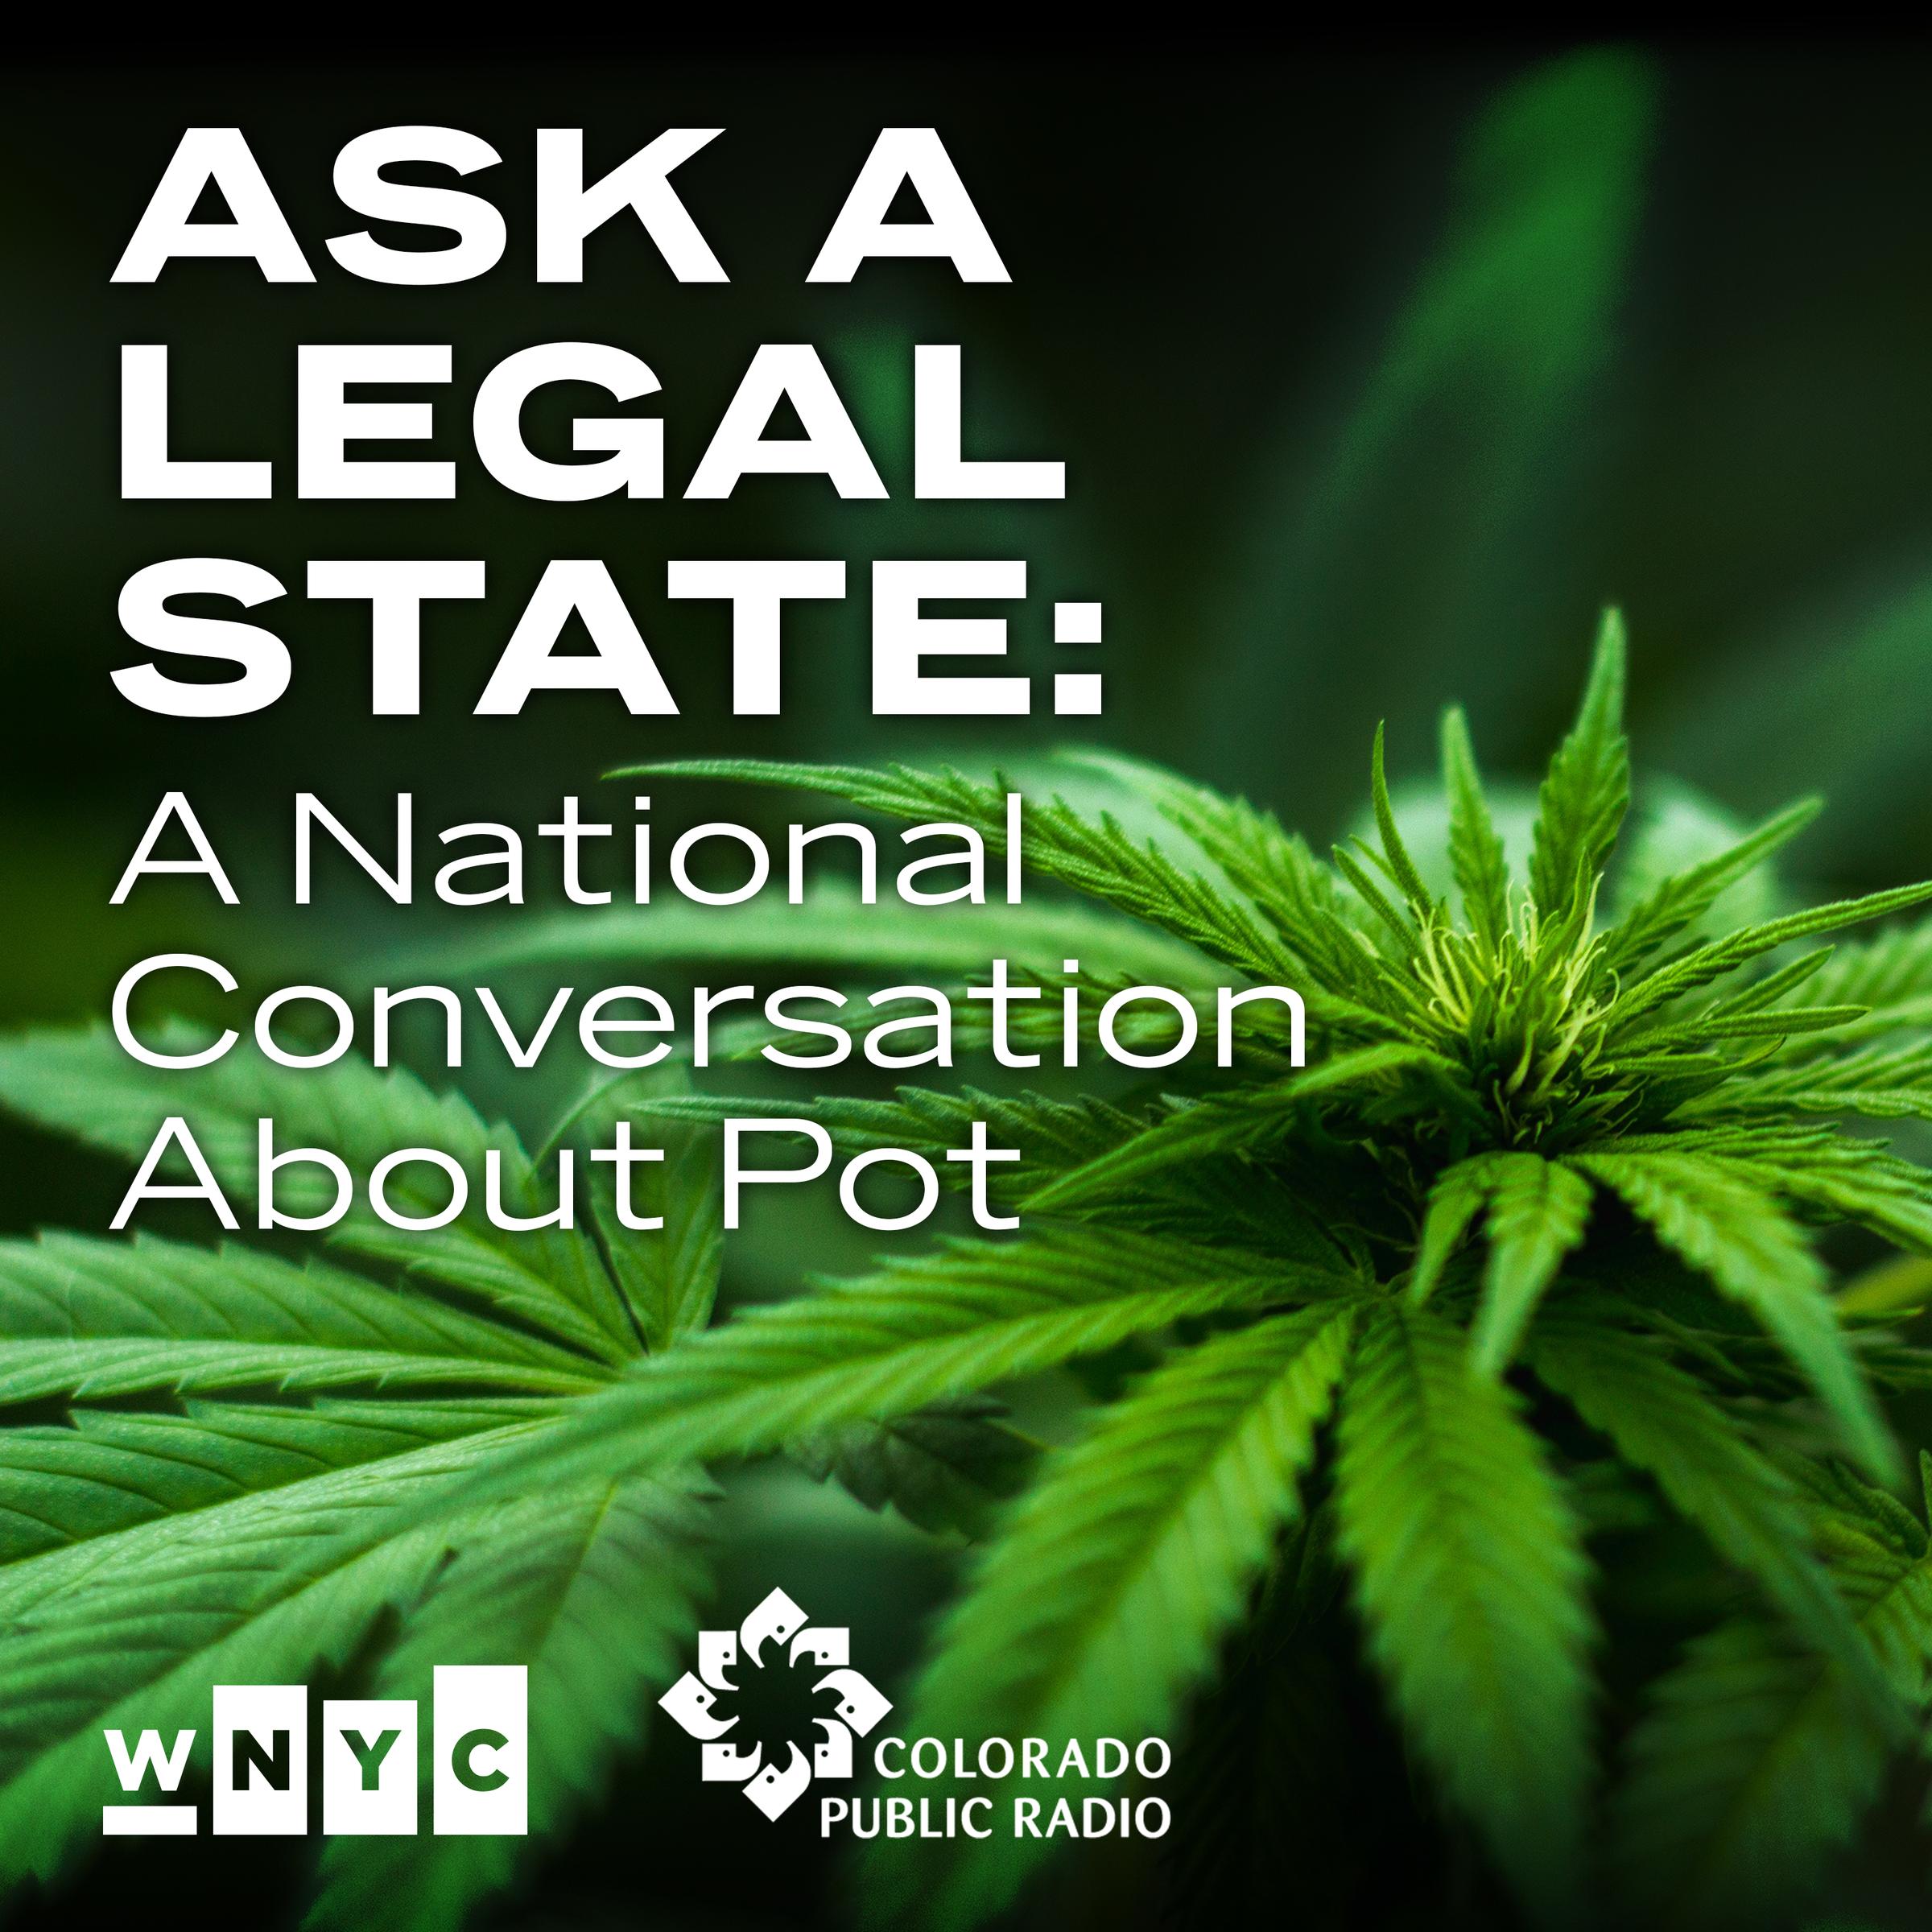 Программы с коноплей курение марихуаны форумы